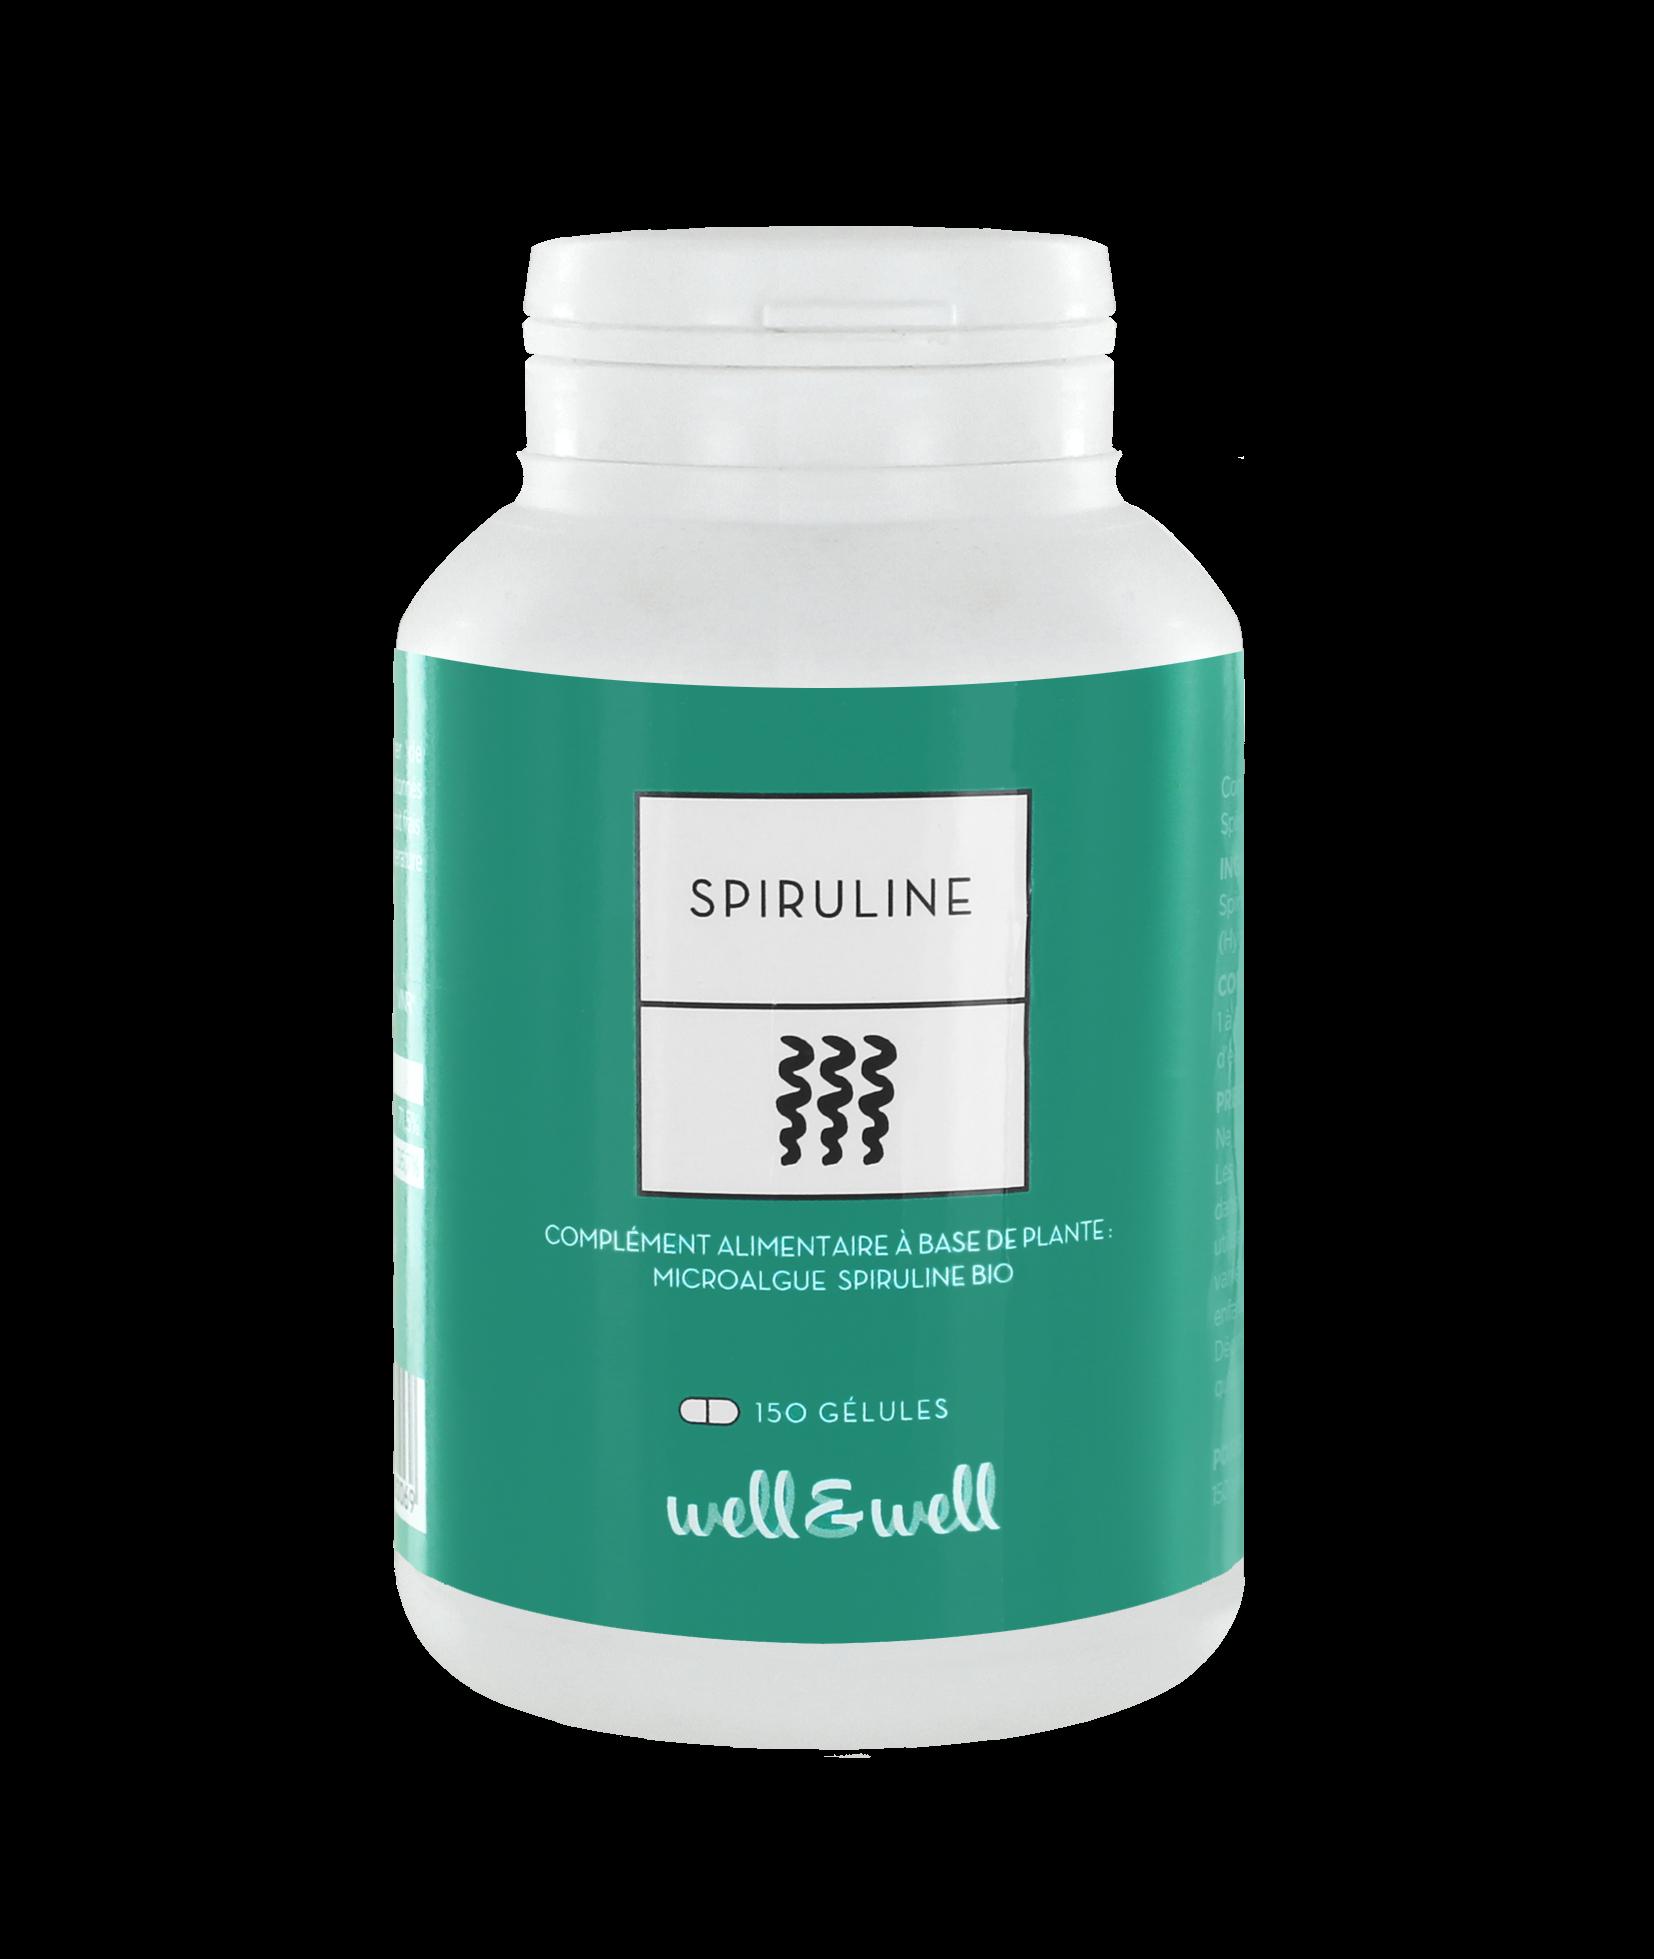 pilulier-SPIRULINE